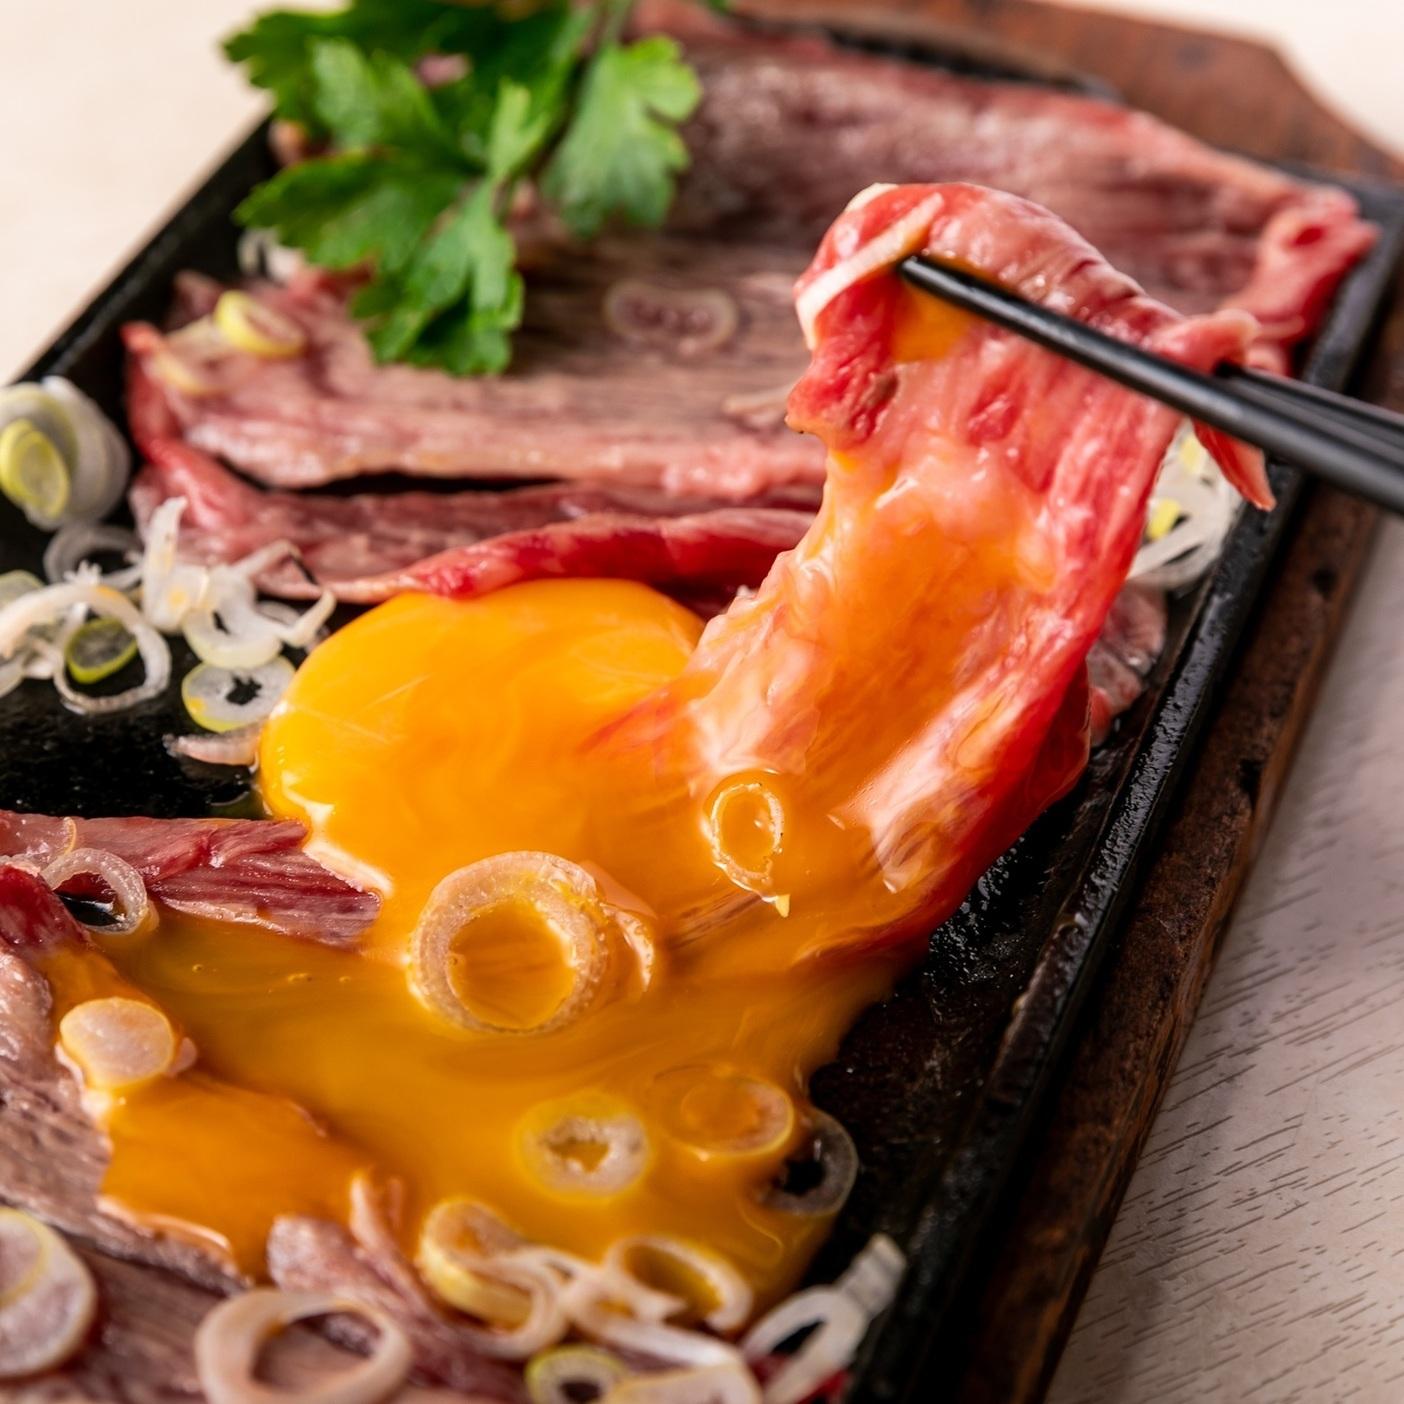 溶岩焼dining bonbori 新宿店